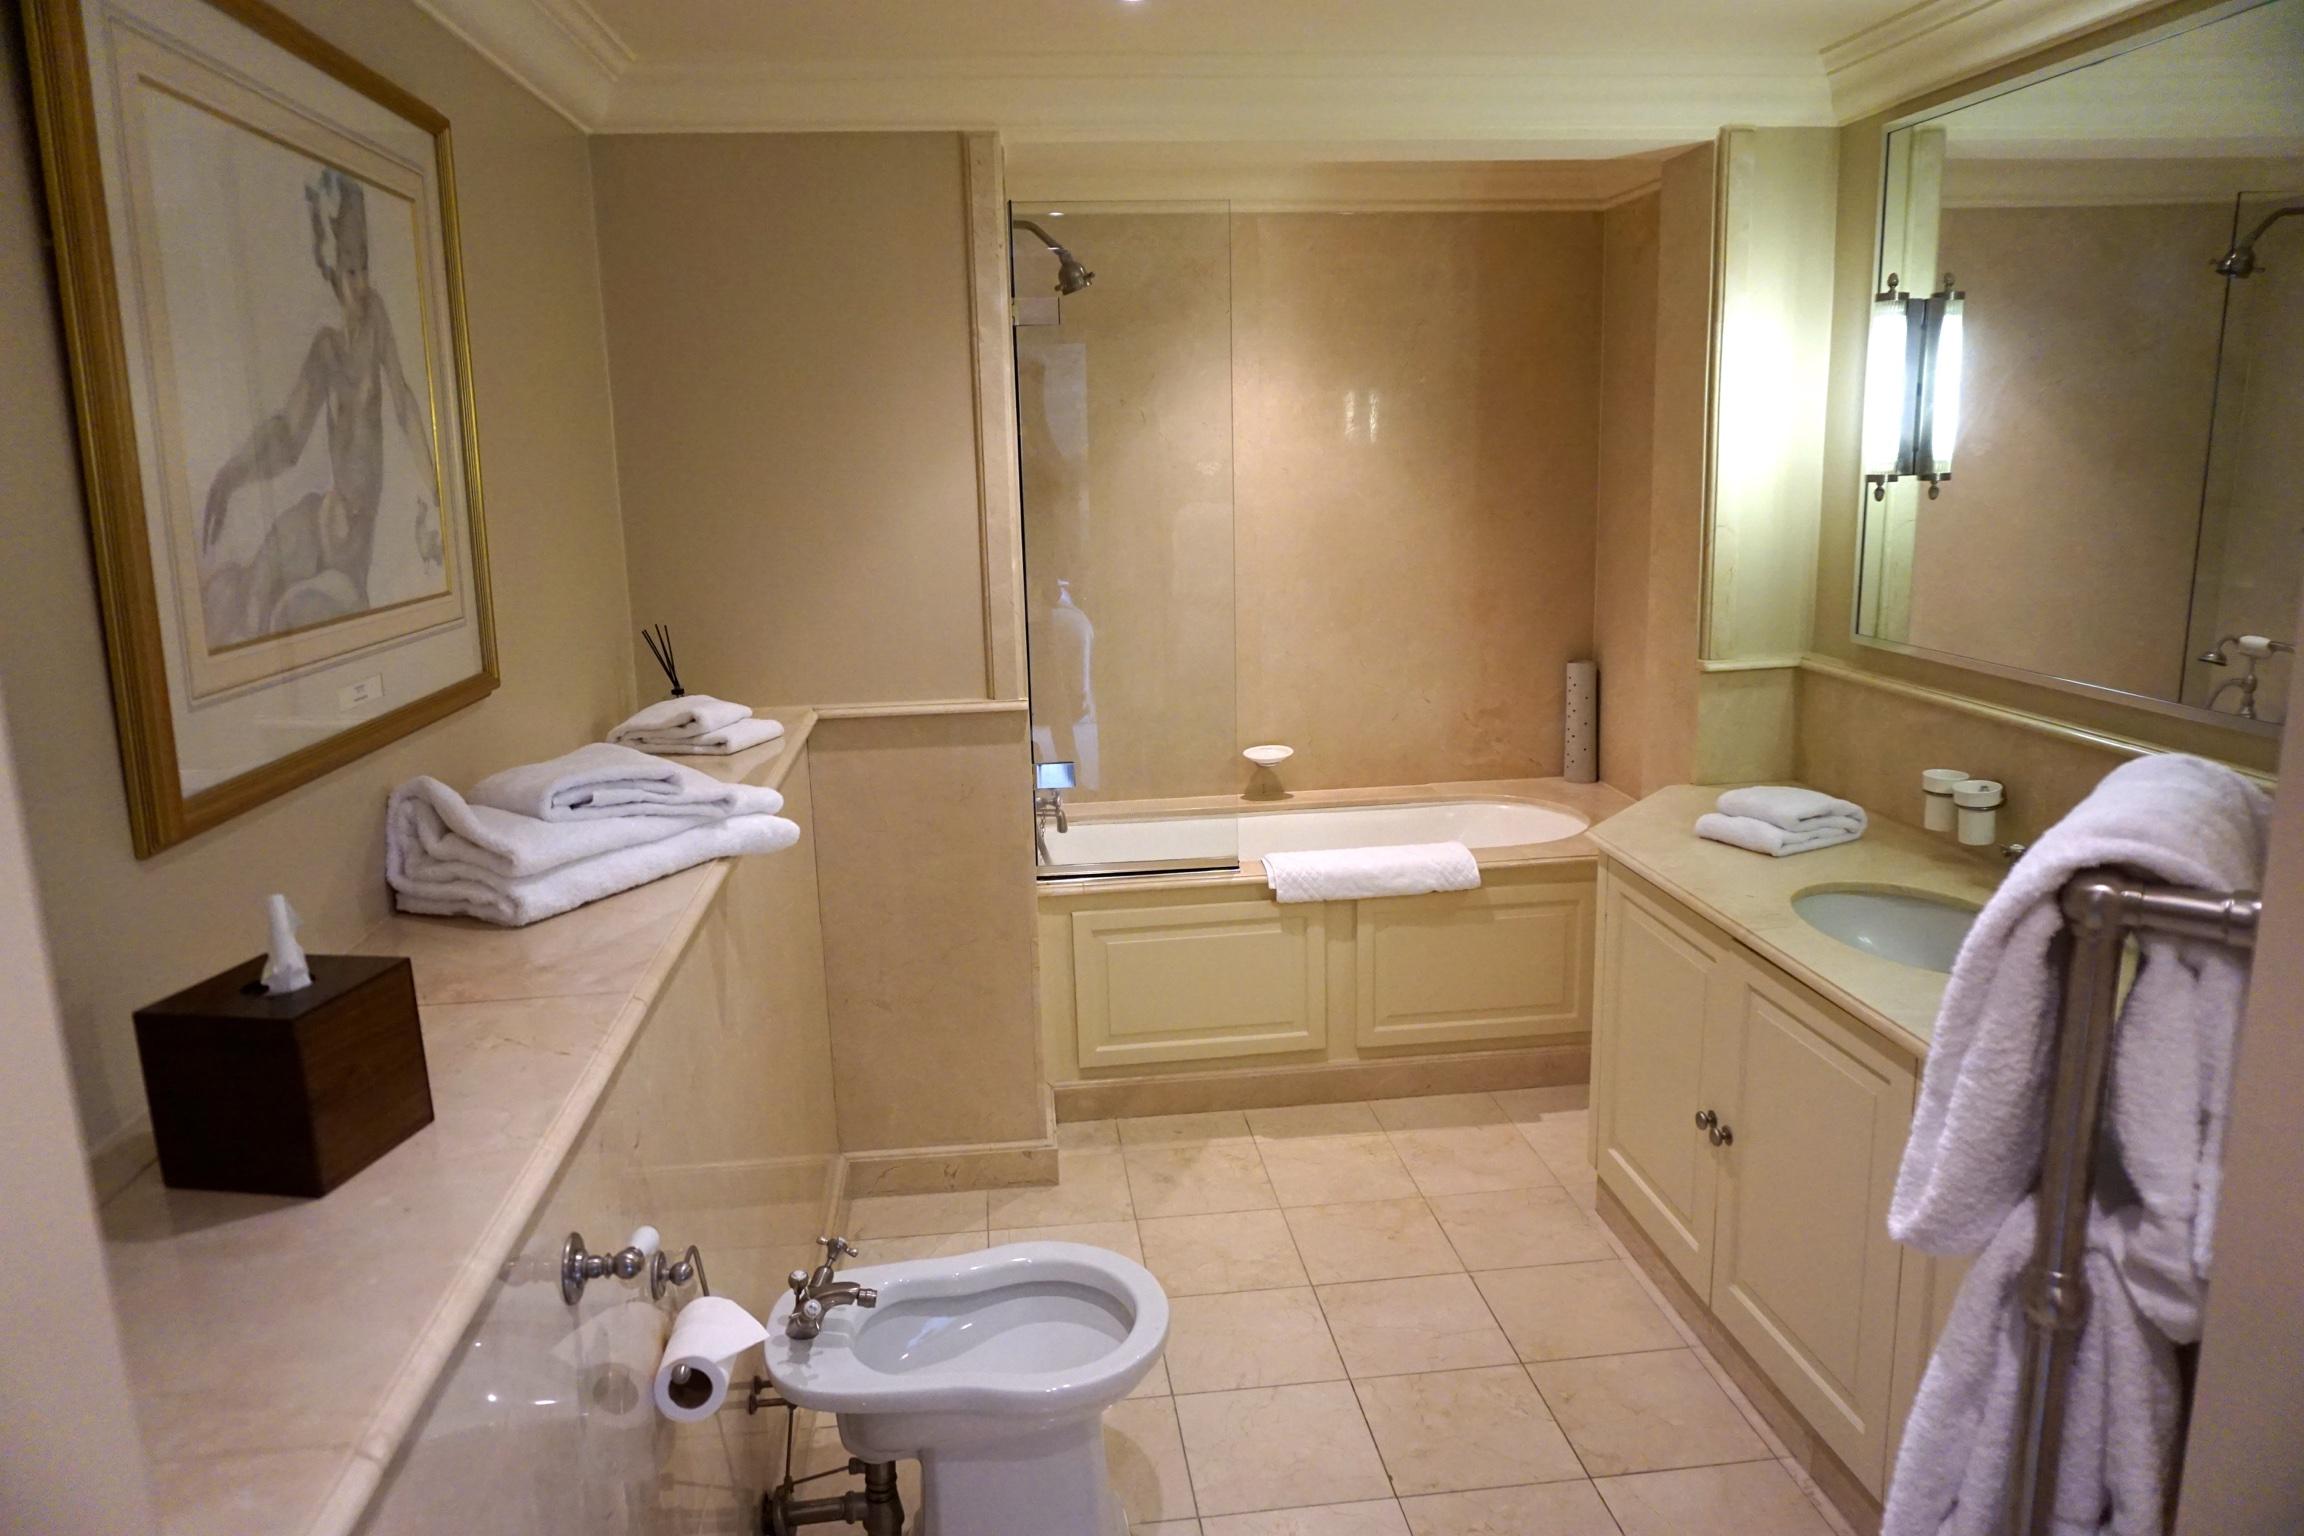 Großzügiges Badezimmer mit allem, was man sich wünscht.      kb